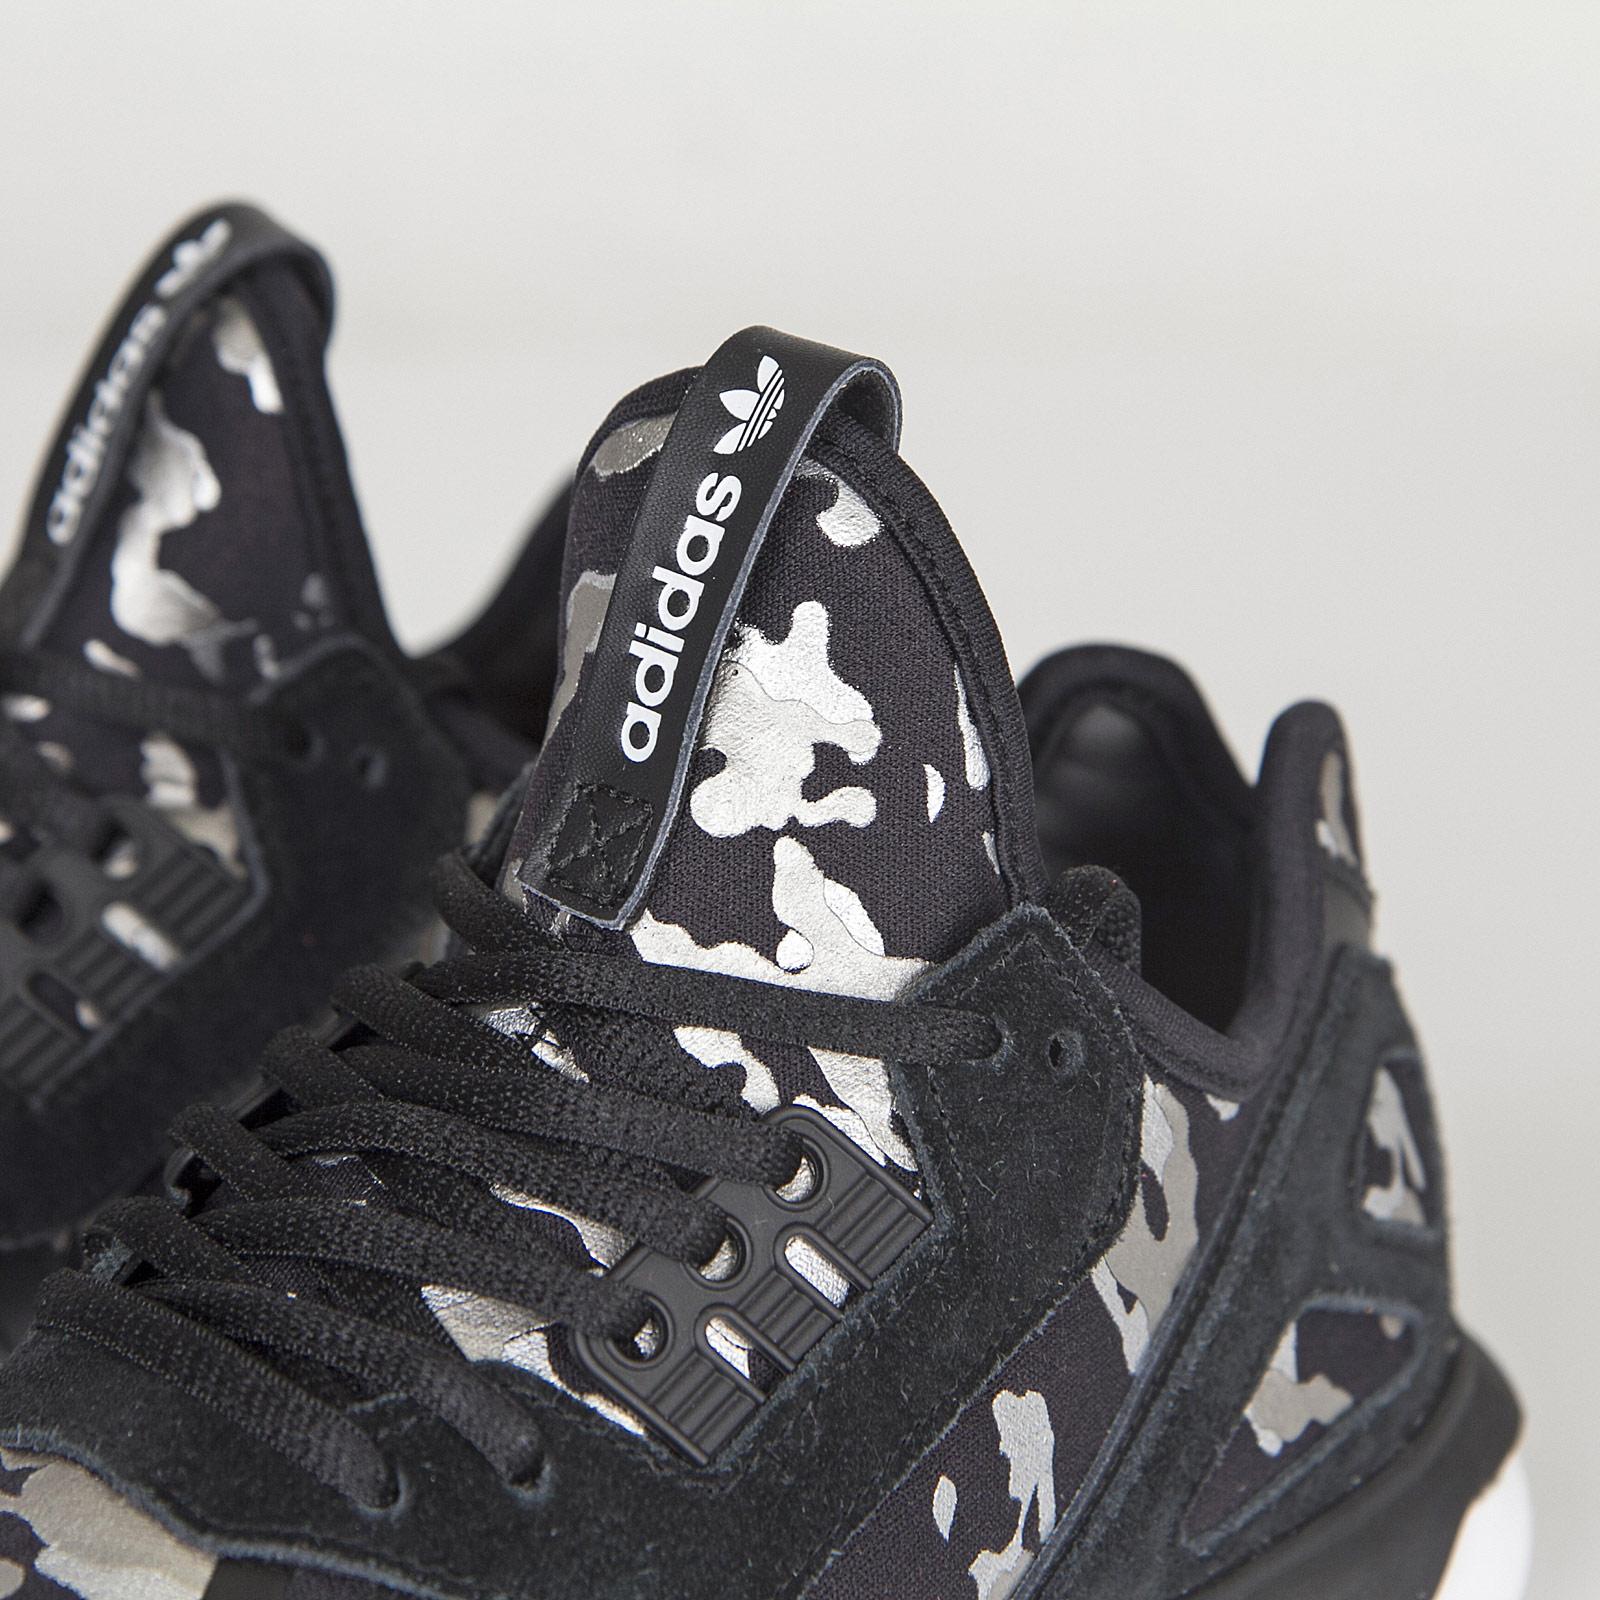 adidas tubuläre läufer w af6276 sneakersnstuff turnschuhe